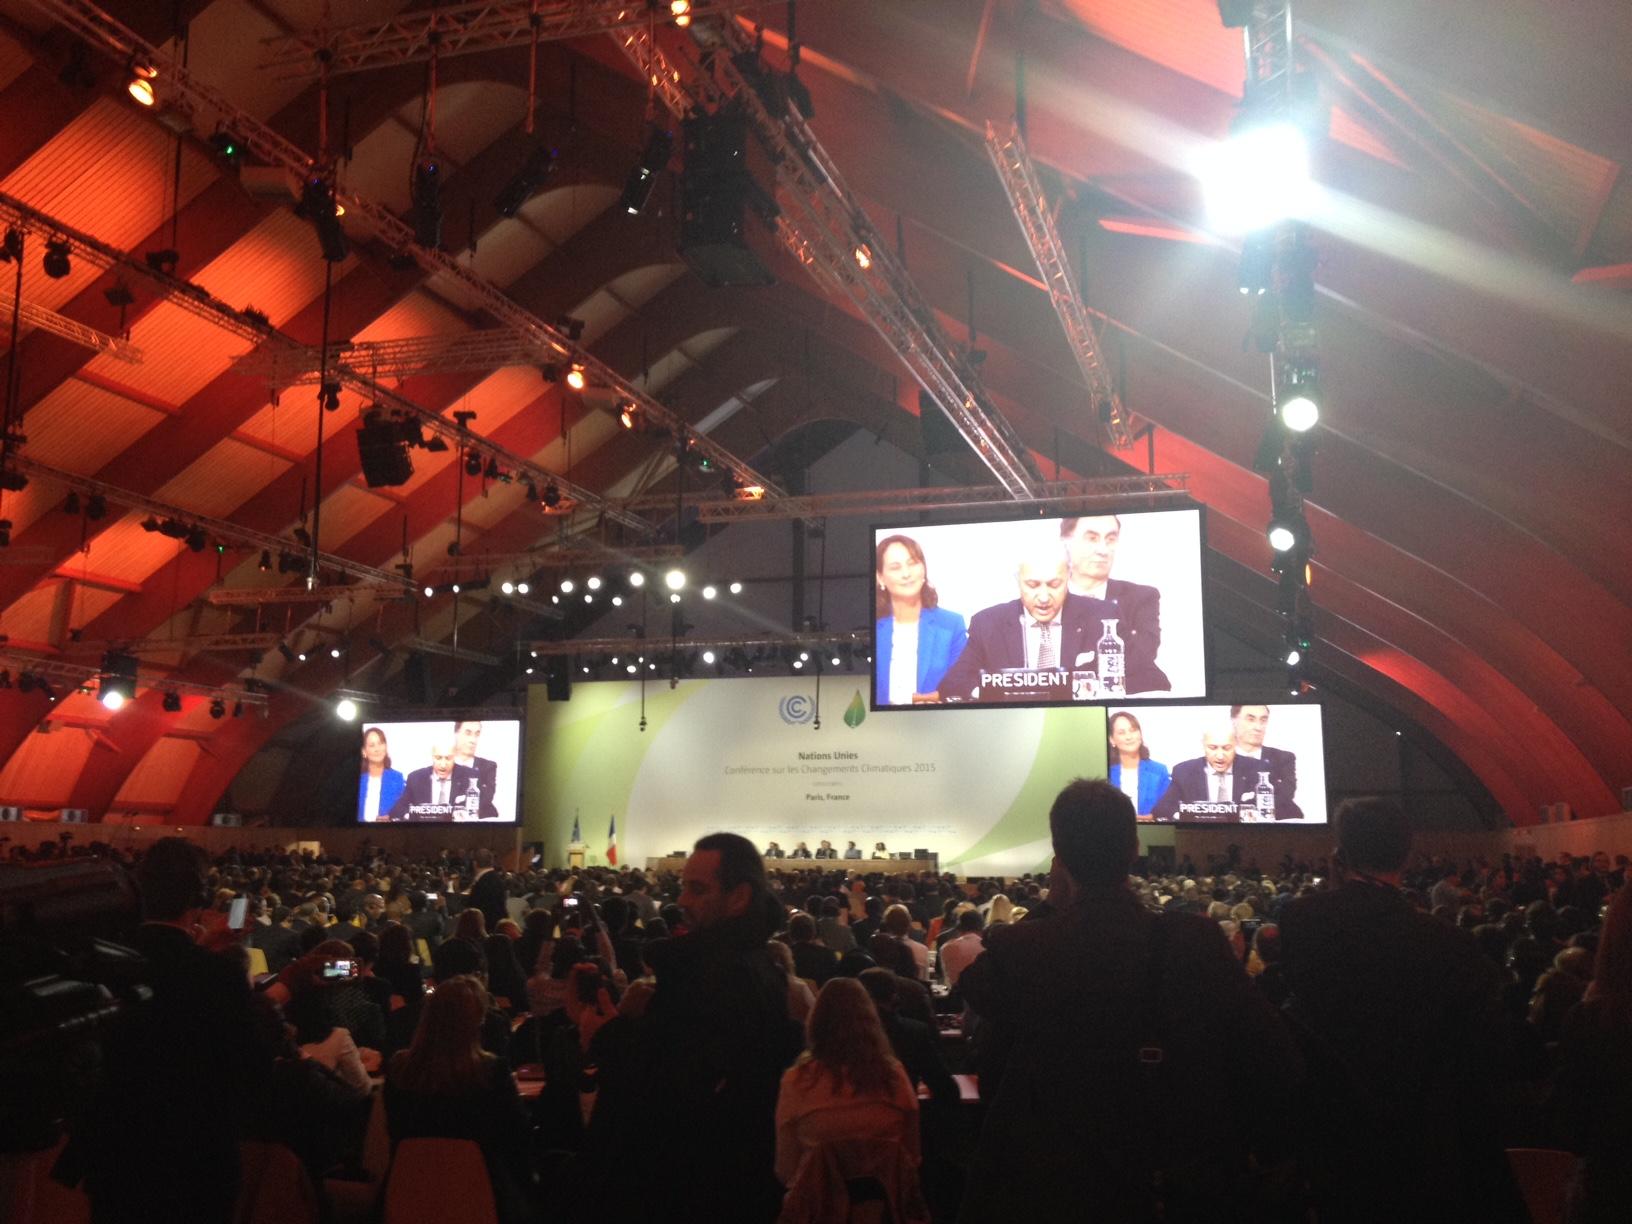 Gran expectativa por el Acuerdo de Paris a firmarse el 22 de Abril en New York